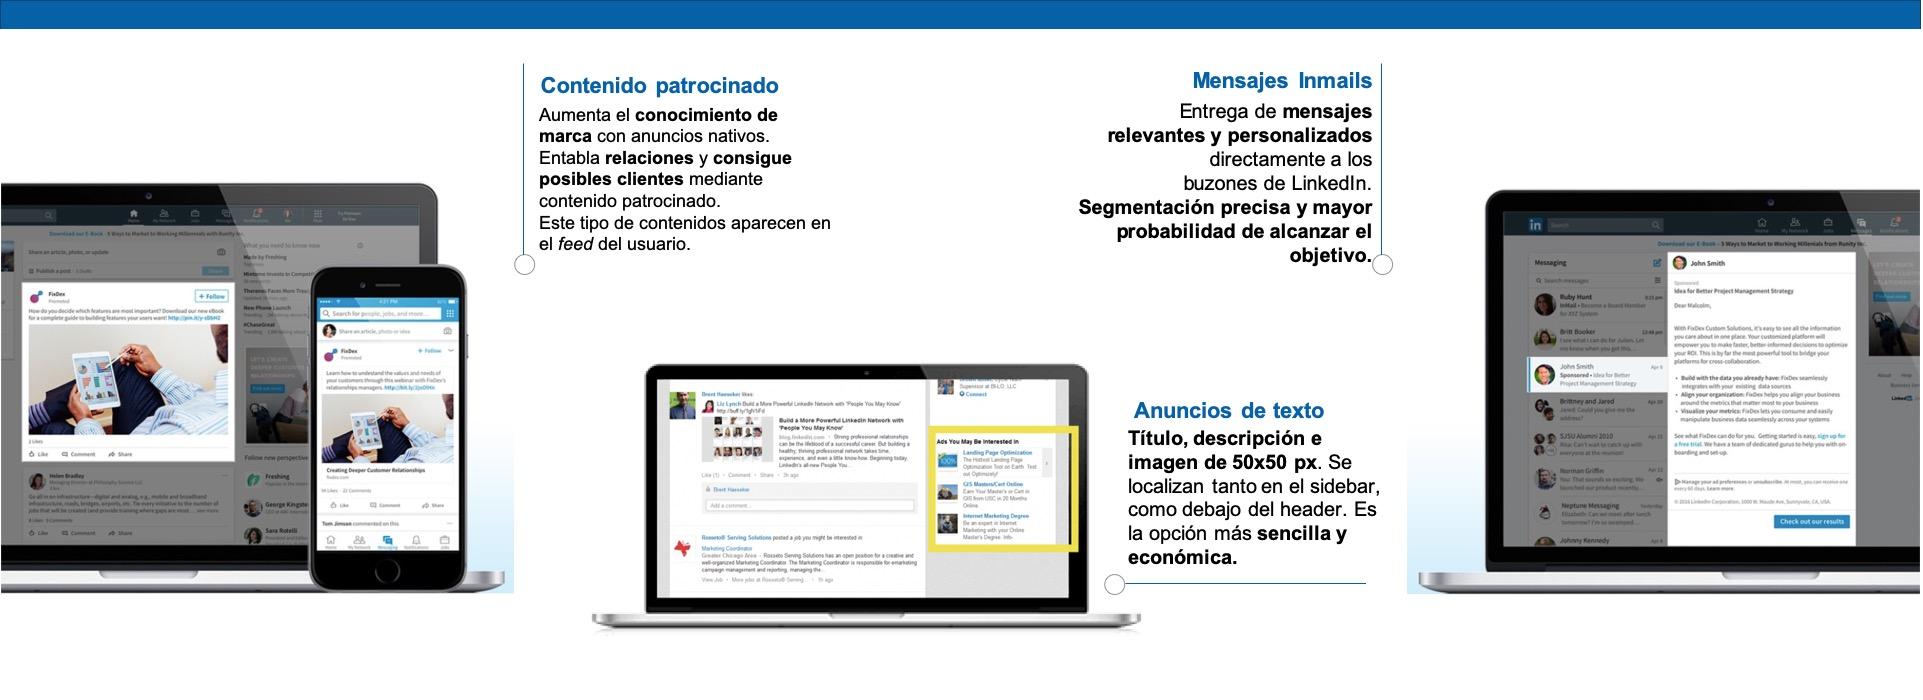 Ejemplos de inventario de contenidos de paid social en la red de Linkedin.